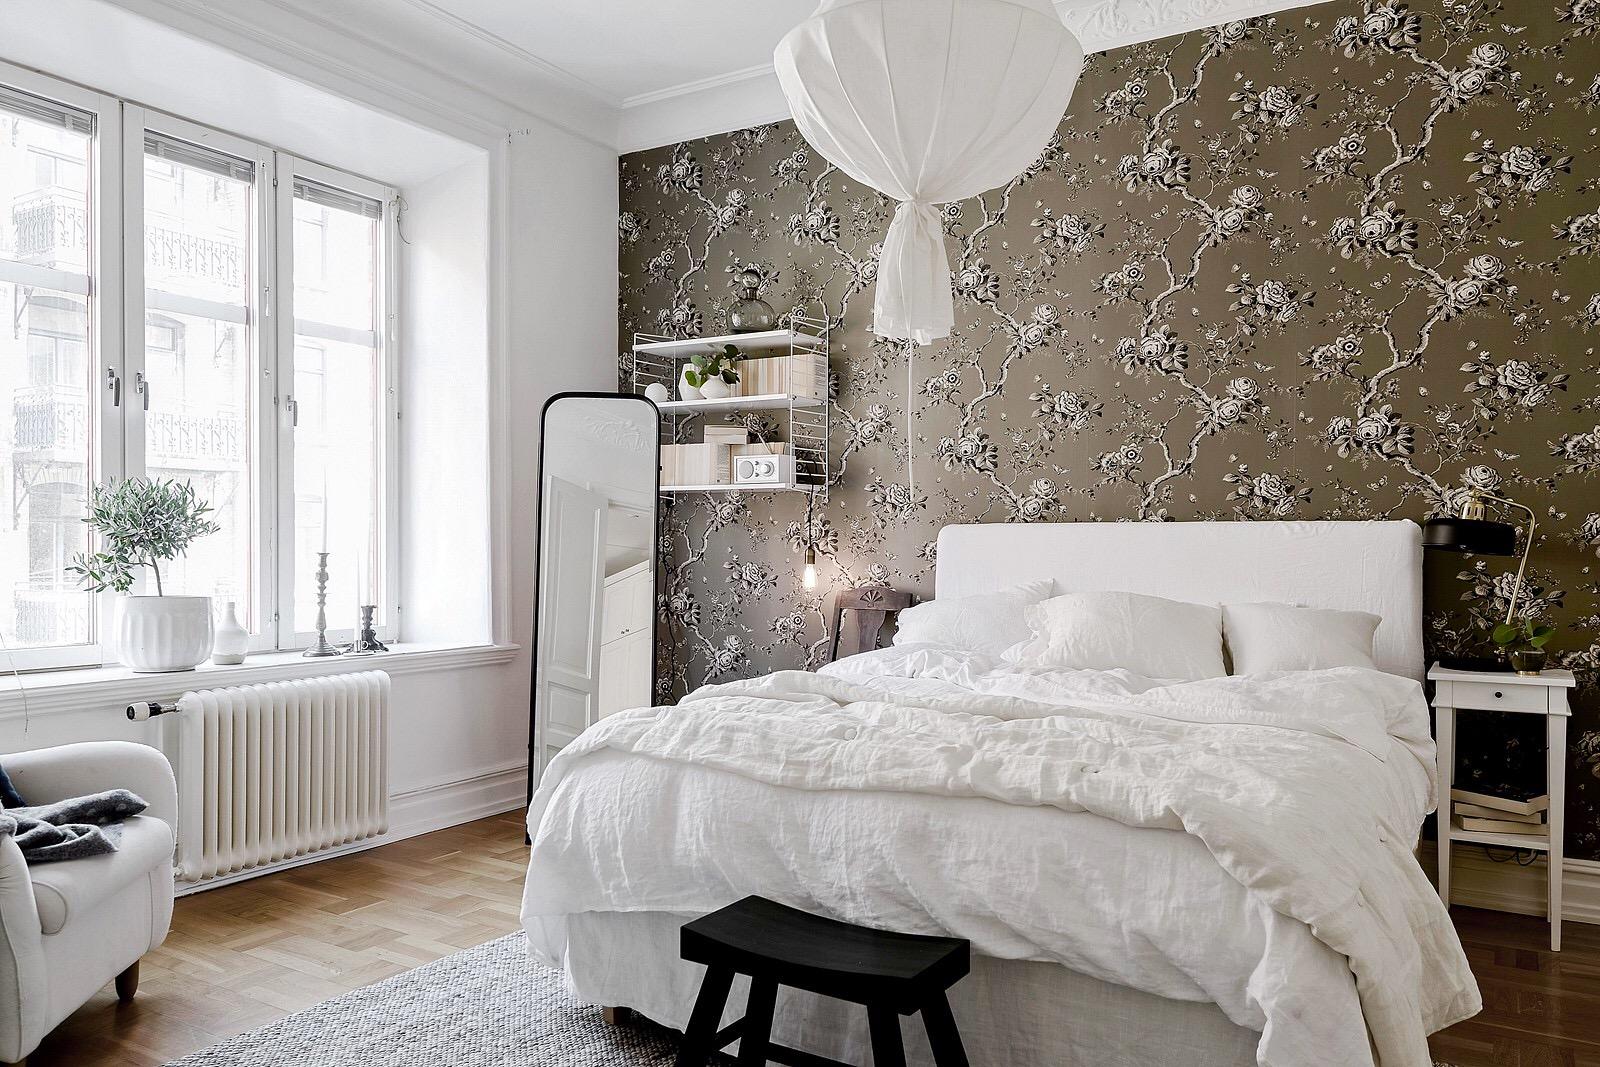 спальня кровать изголовье окно напольное зеркало обои